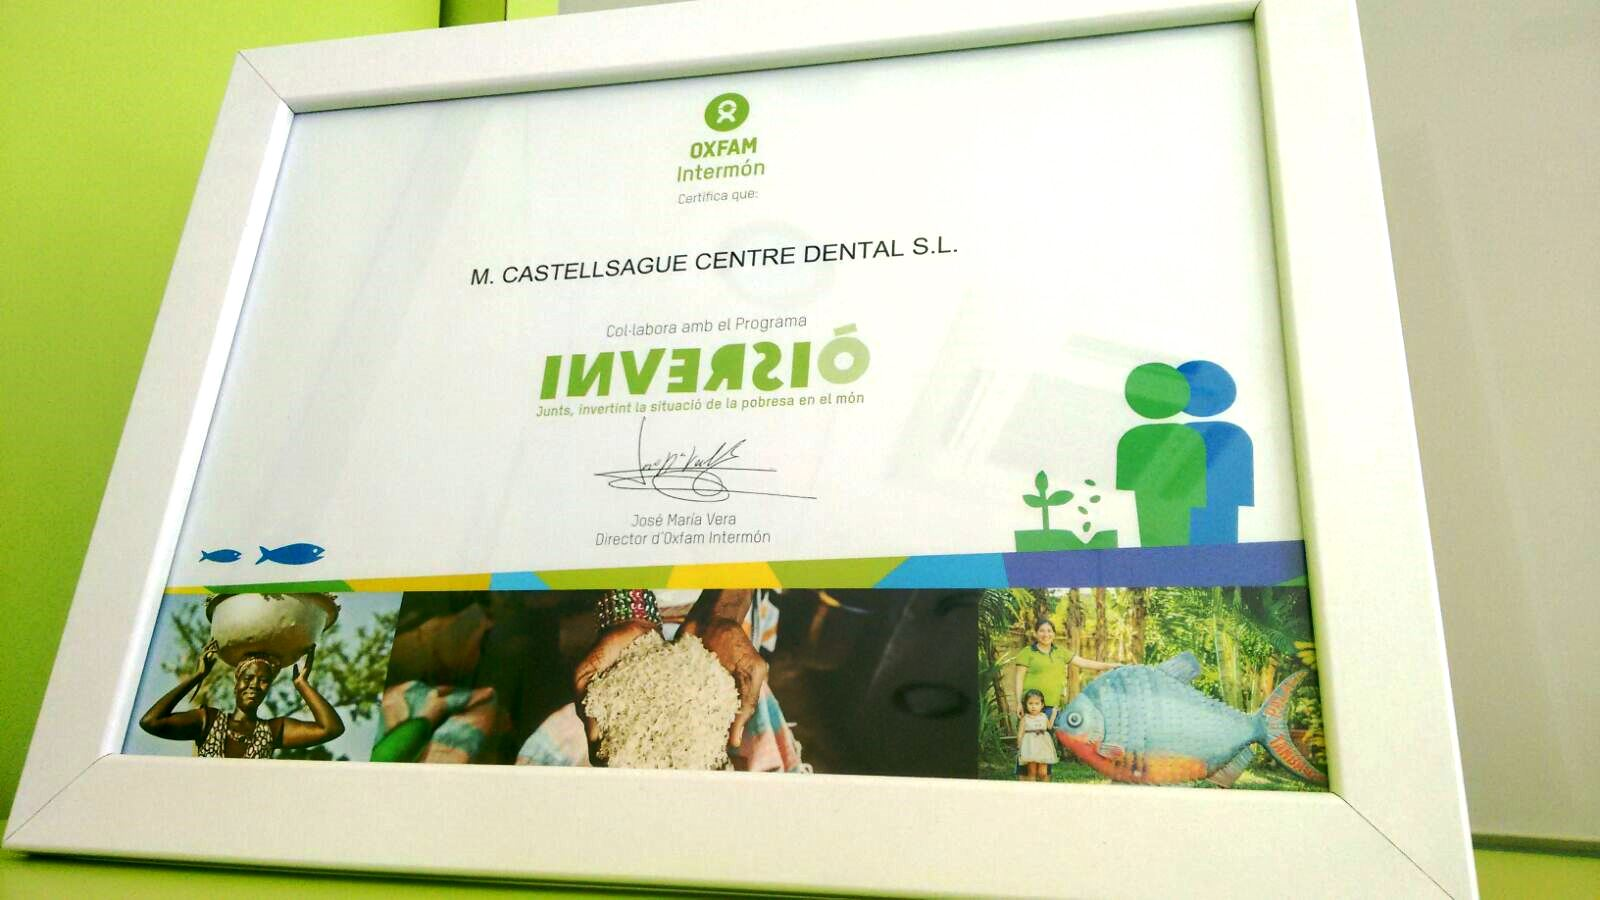 El Centre Dental M. Castellsagué, centre solidari amb Oxfam Intermón 0